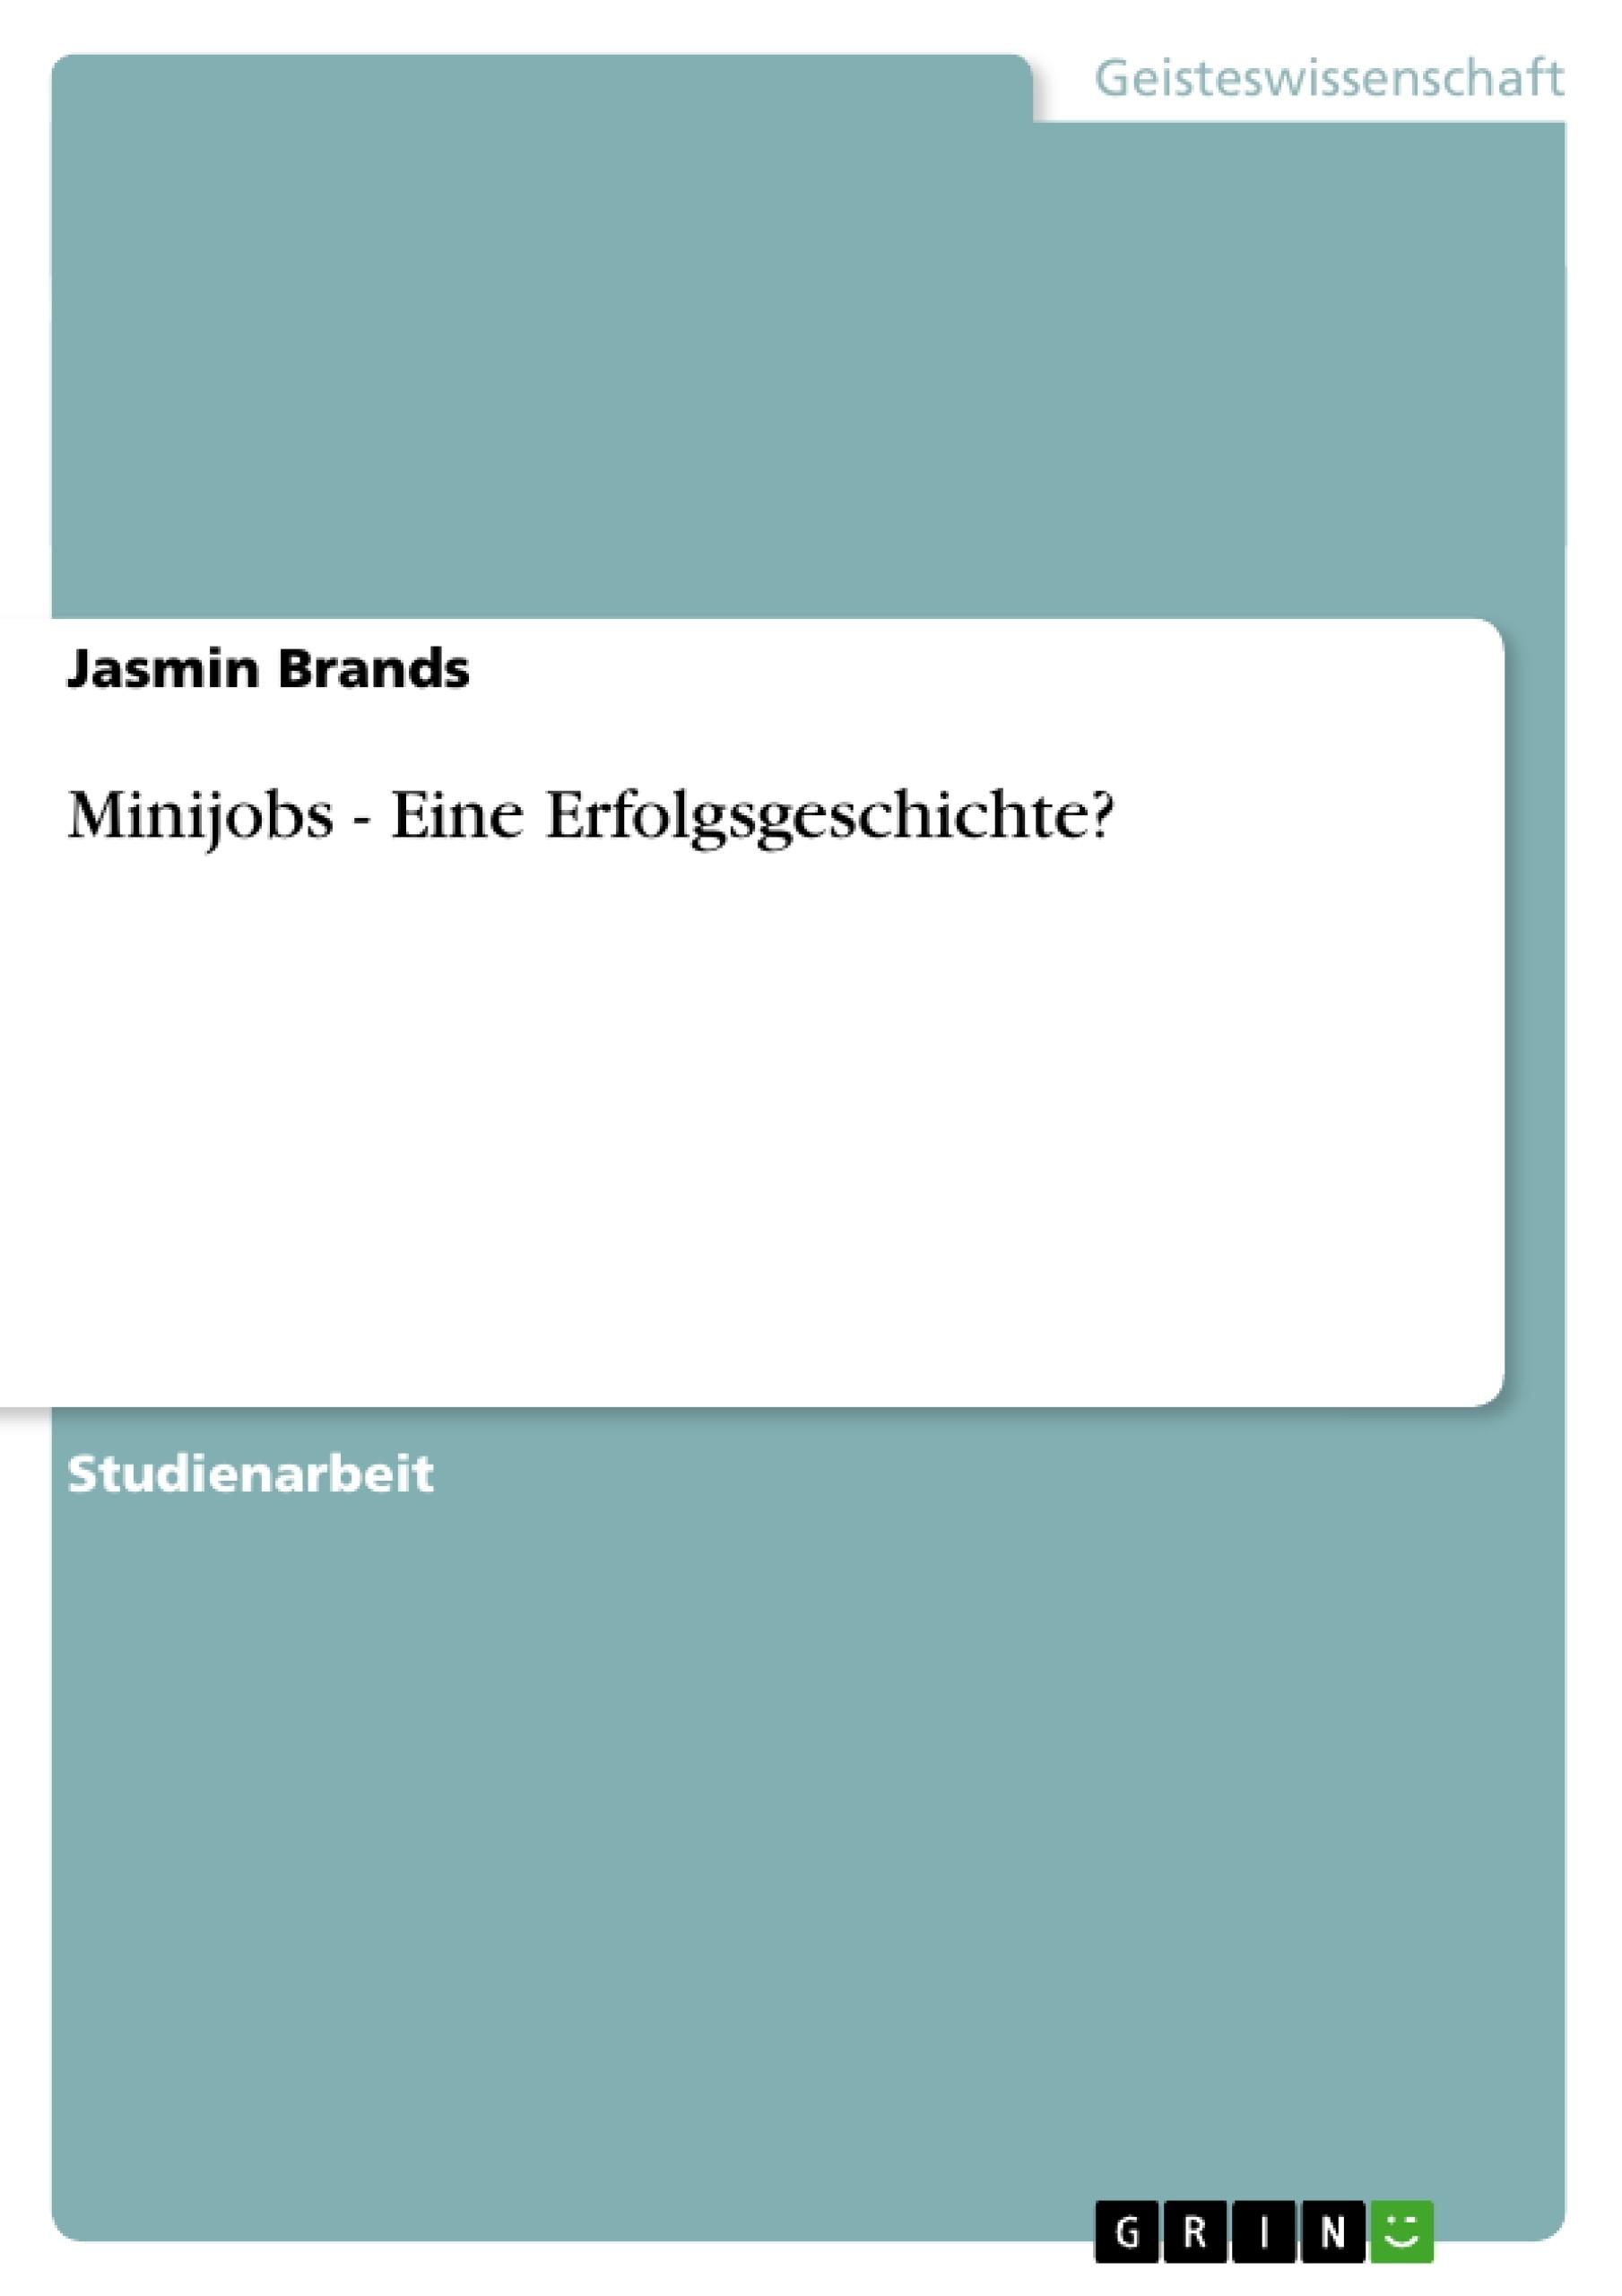 Titel: Minijobs - Eine Erfolgsgeschichte?